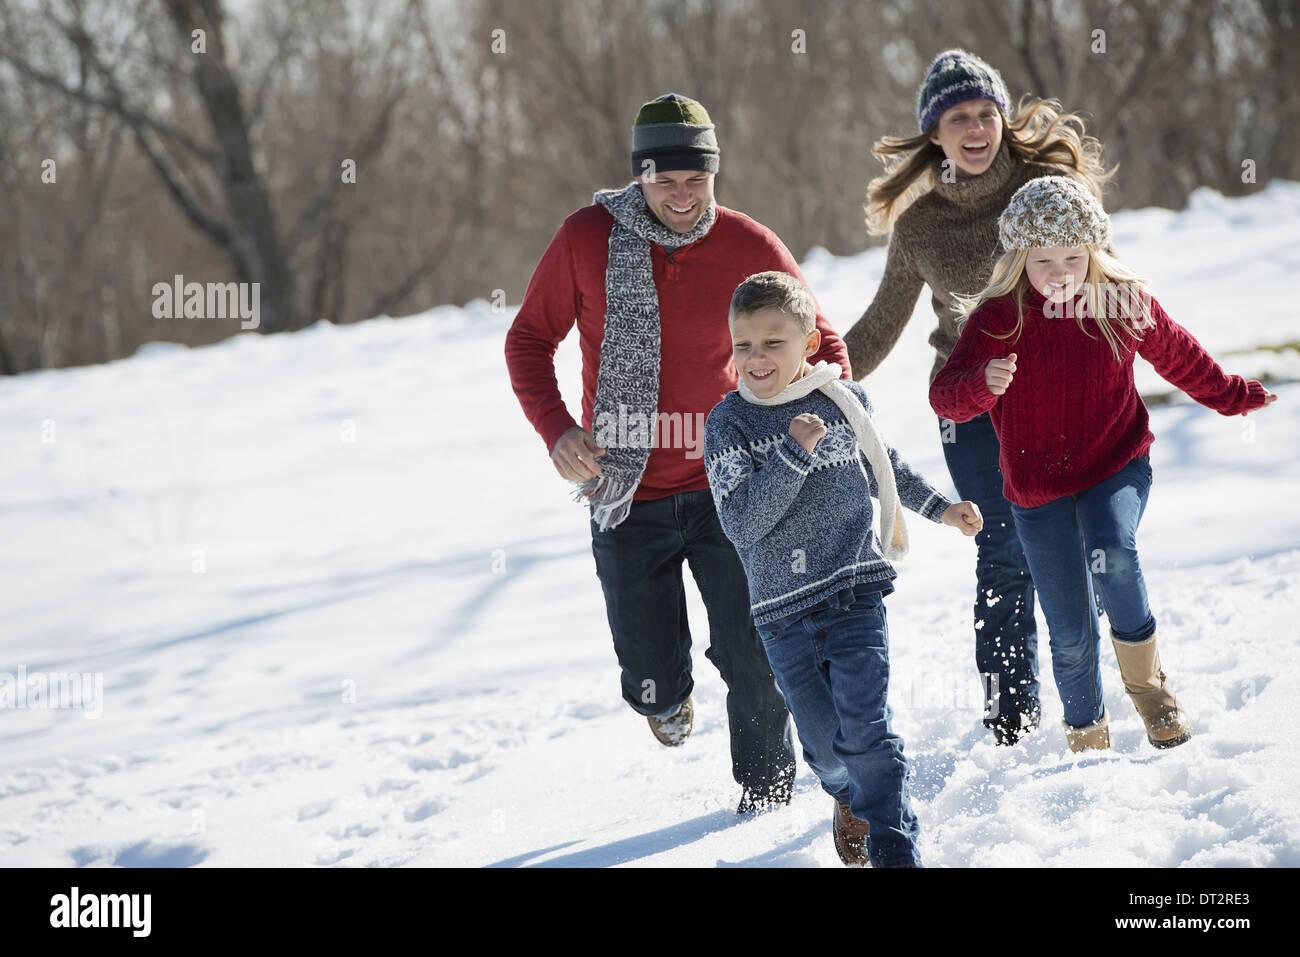 Paesaggio invernale con neve sul terreno famiglia a piedi due adulti a caccia di due bambini Foto Stock